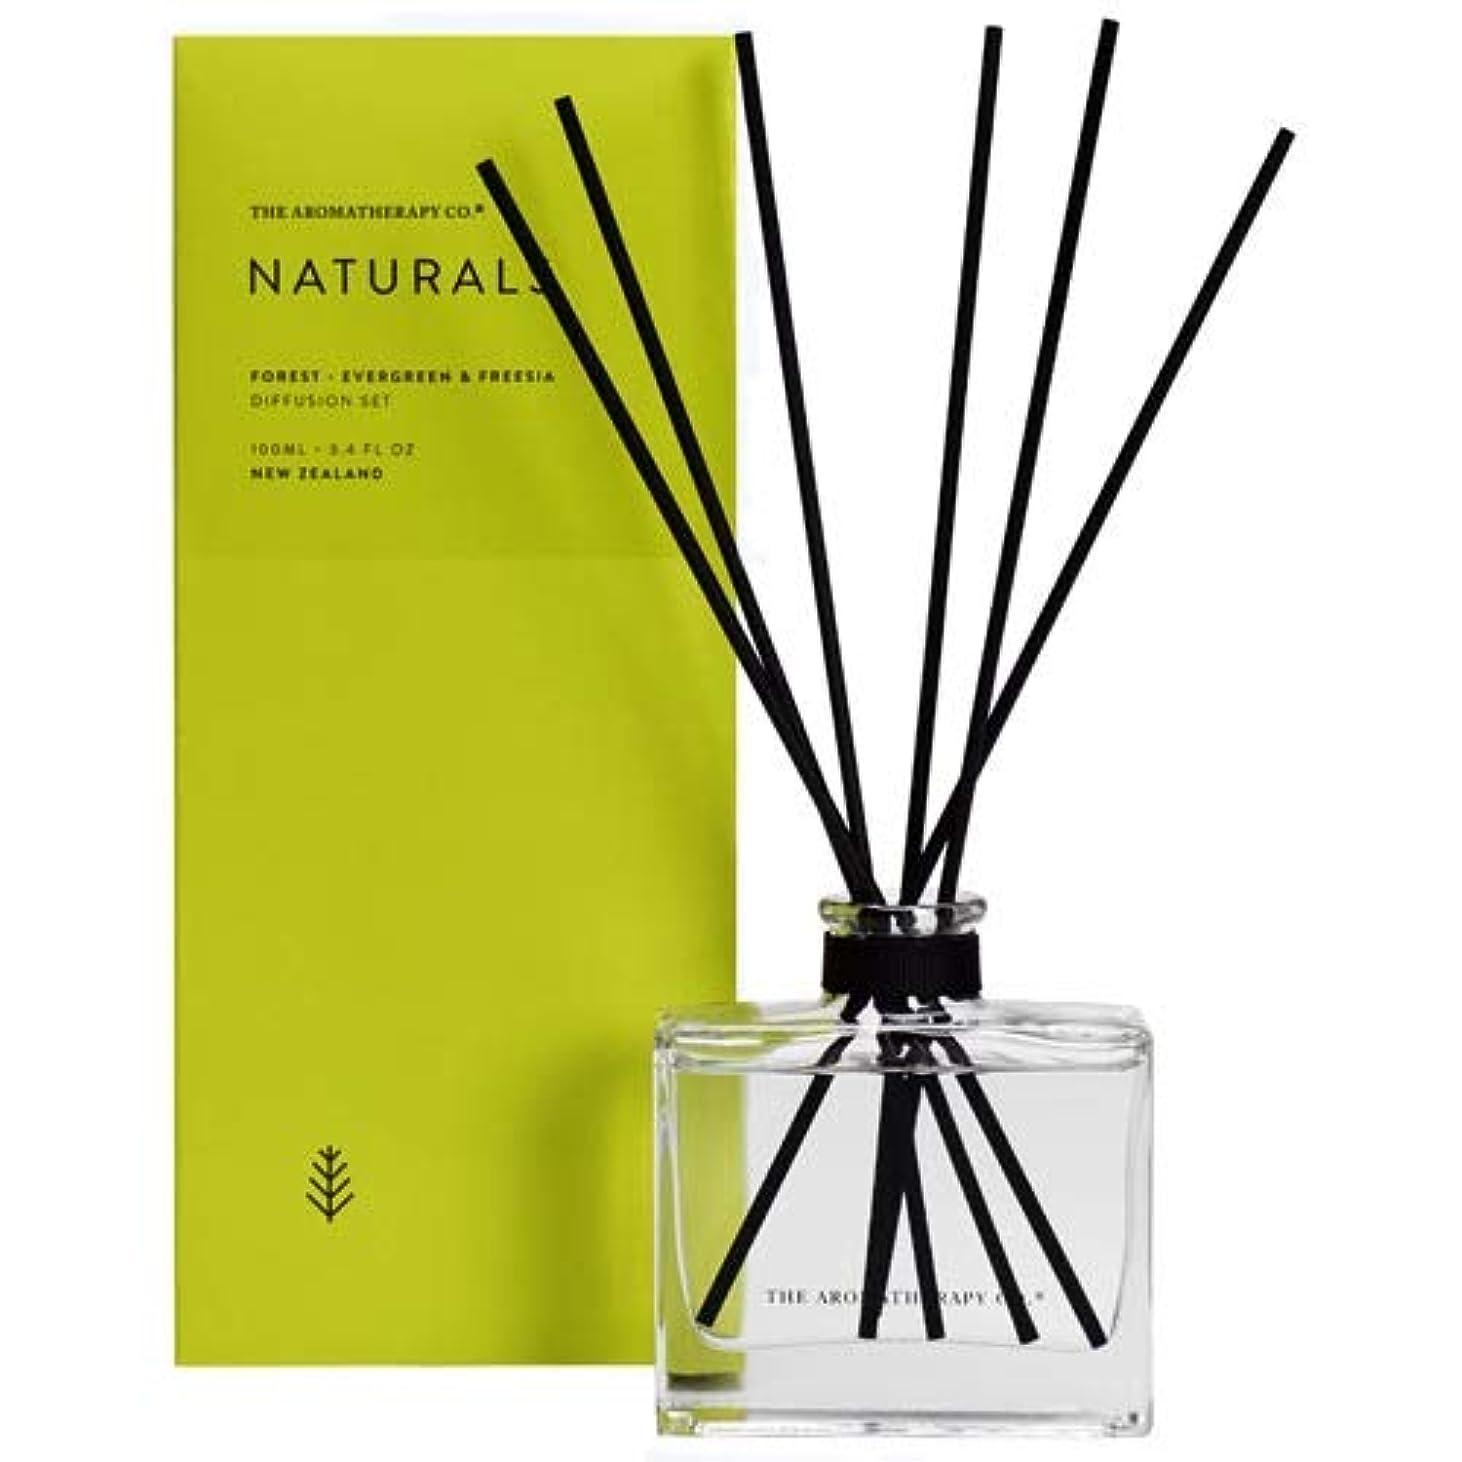 不利益回路花弁new NATURALS ナチュラルズ Diffusion Stick ディフュージョンスティック Forest フォレスト(森林)Evergreen & Freesia エバーグリーン&フリージア